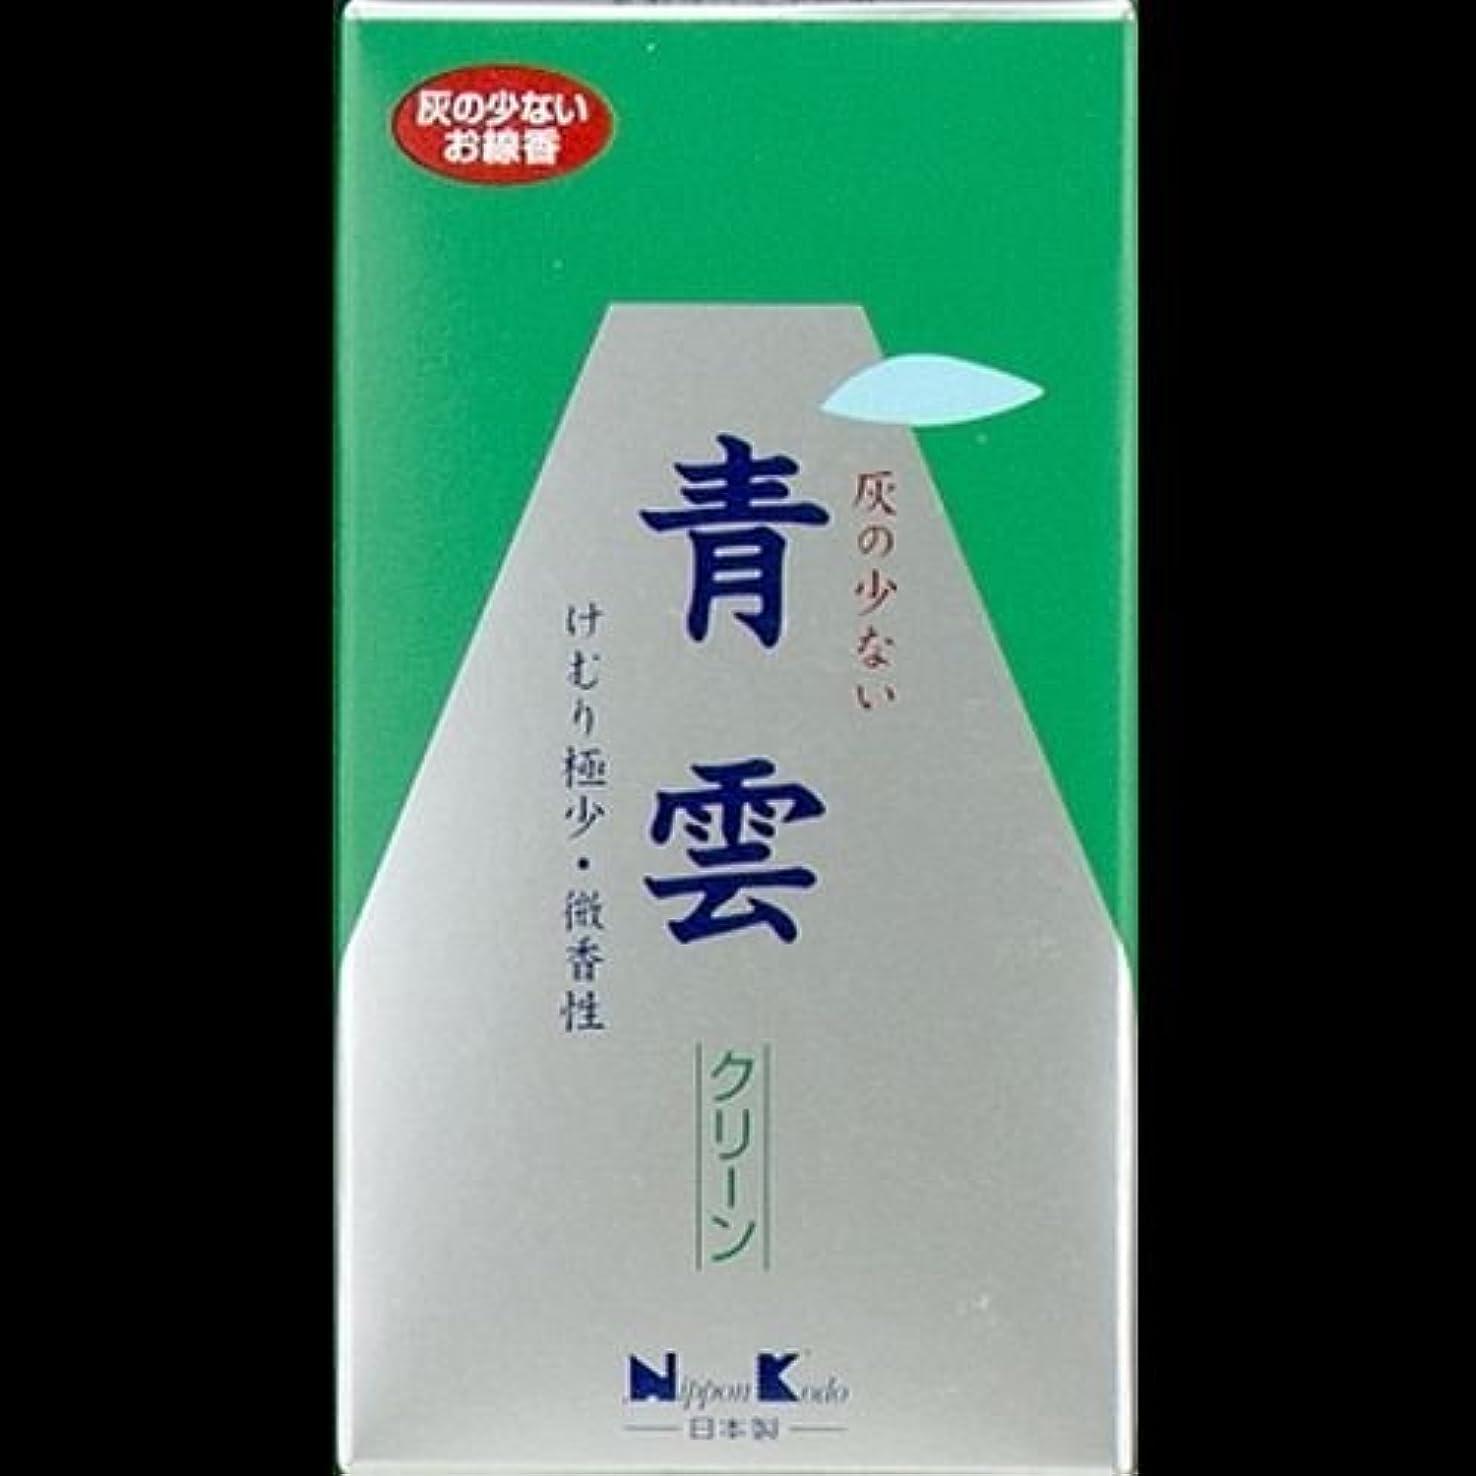 まとめるタワー真空【まとめ買い】青雲 クリーン バラ詰 130g ×2セット